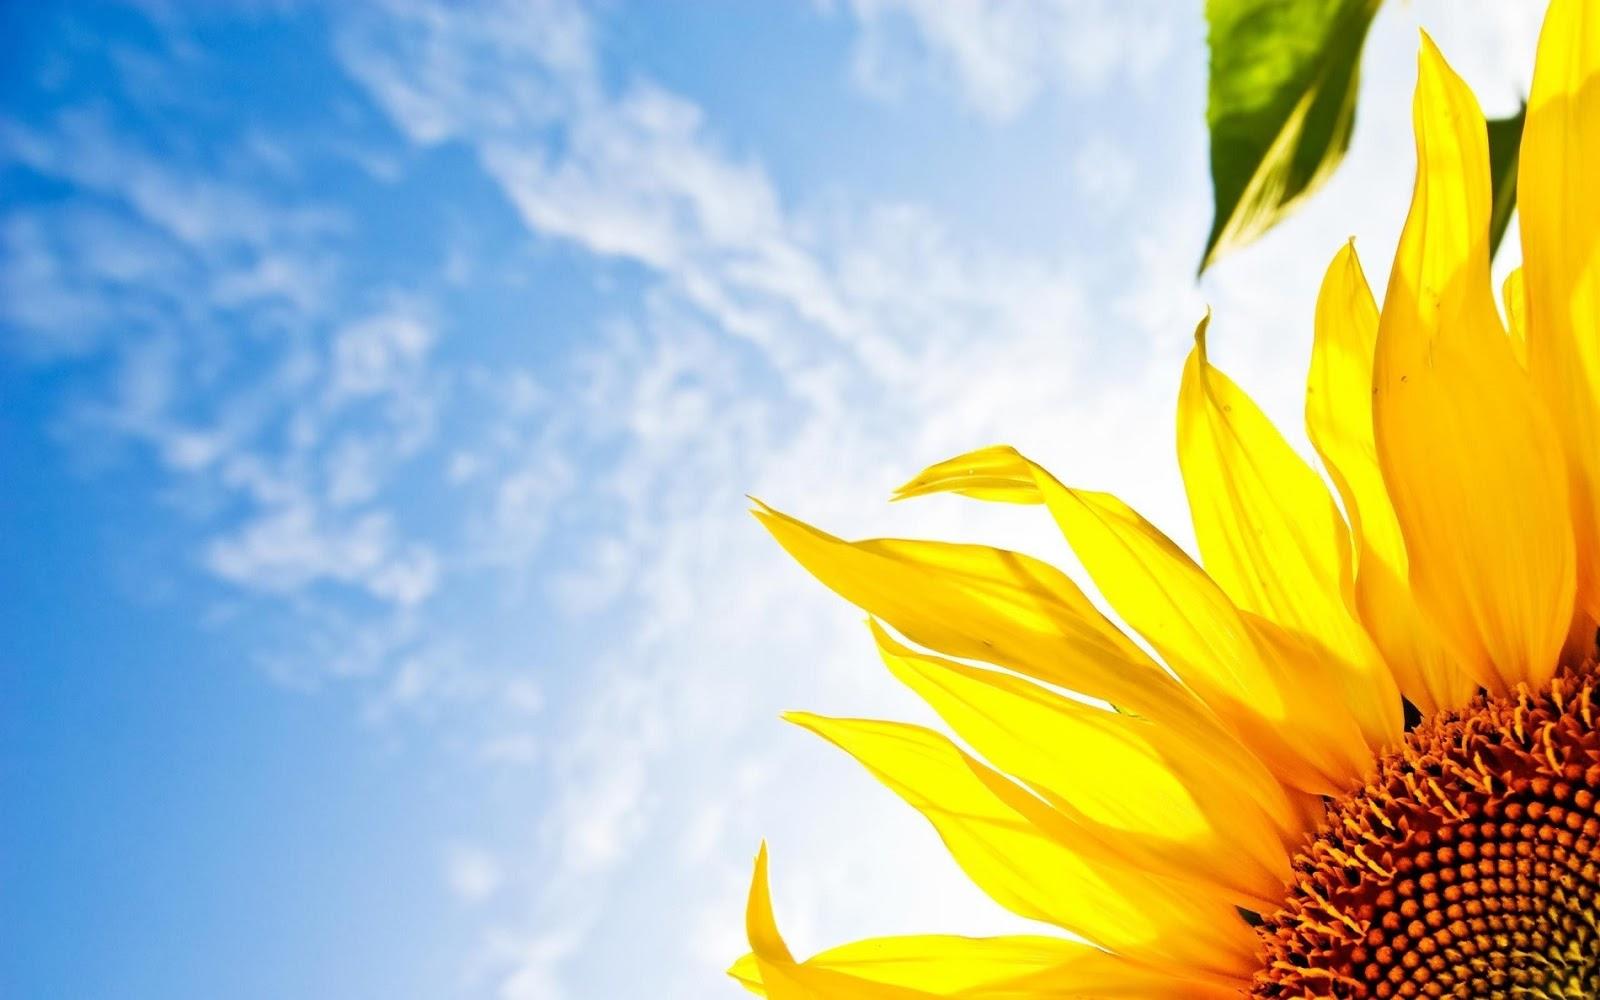 ảnh hoa hướng dương hd